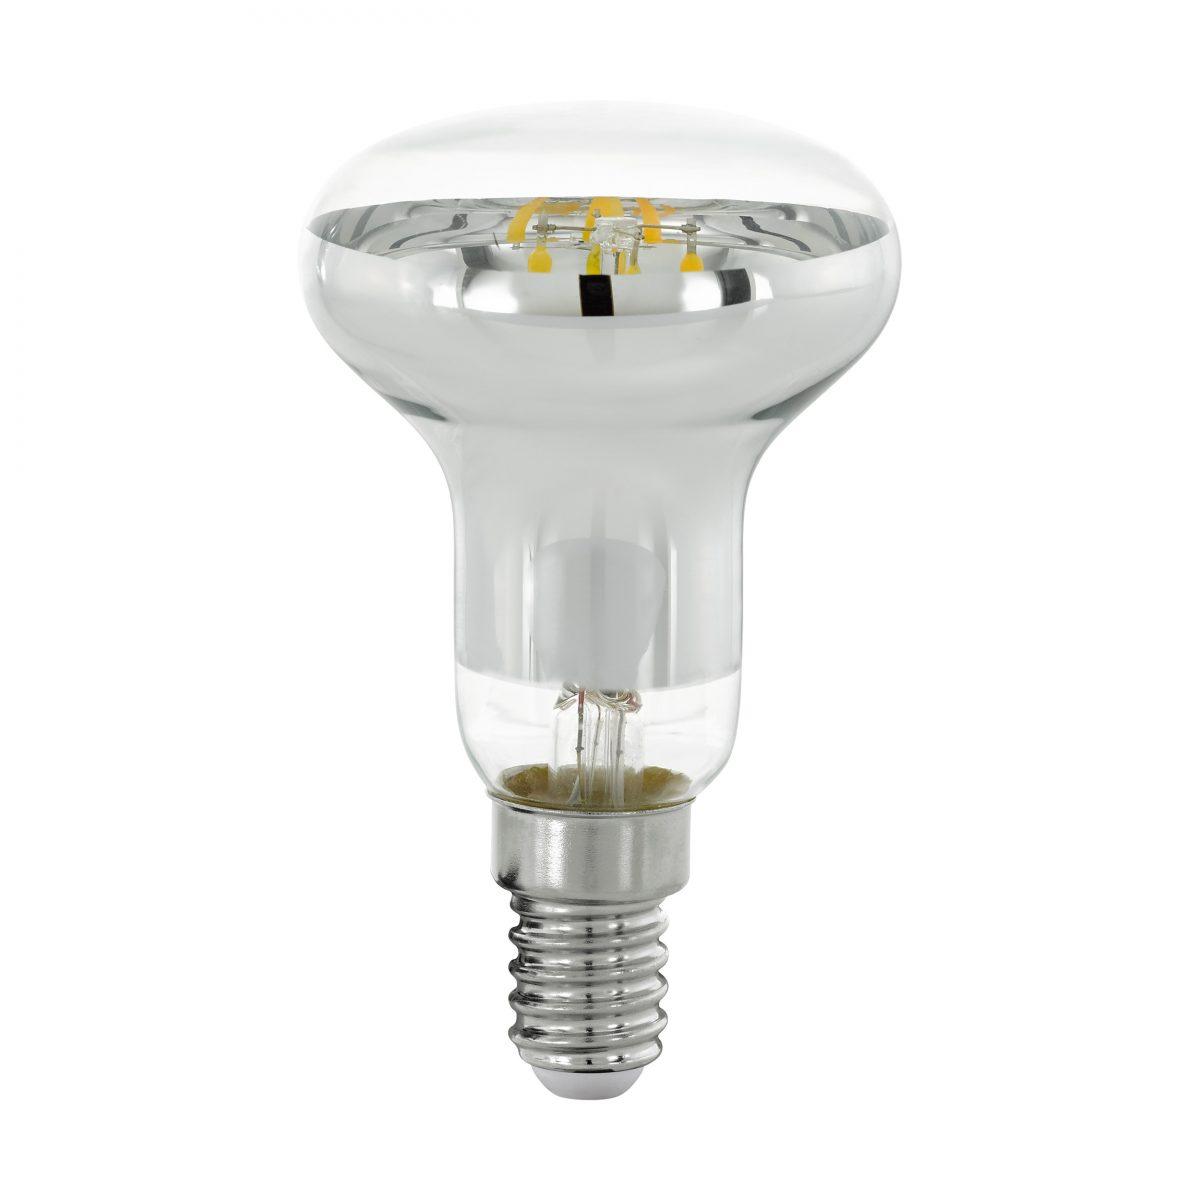 Лампа полупроводниковая LED EGLO 11764 - Фото №28